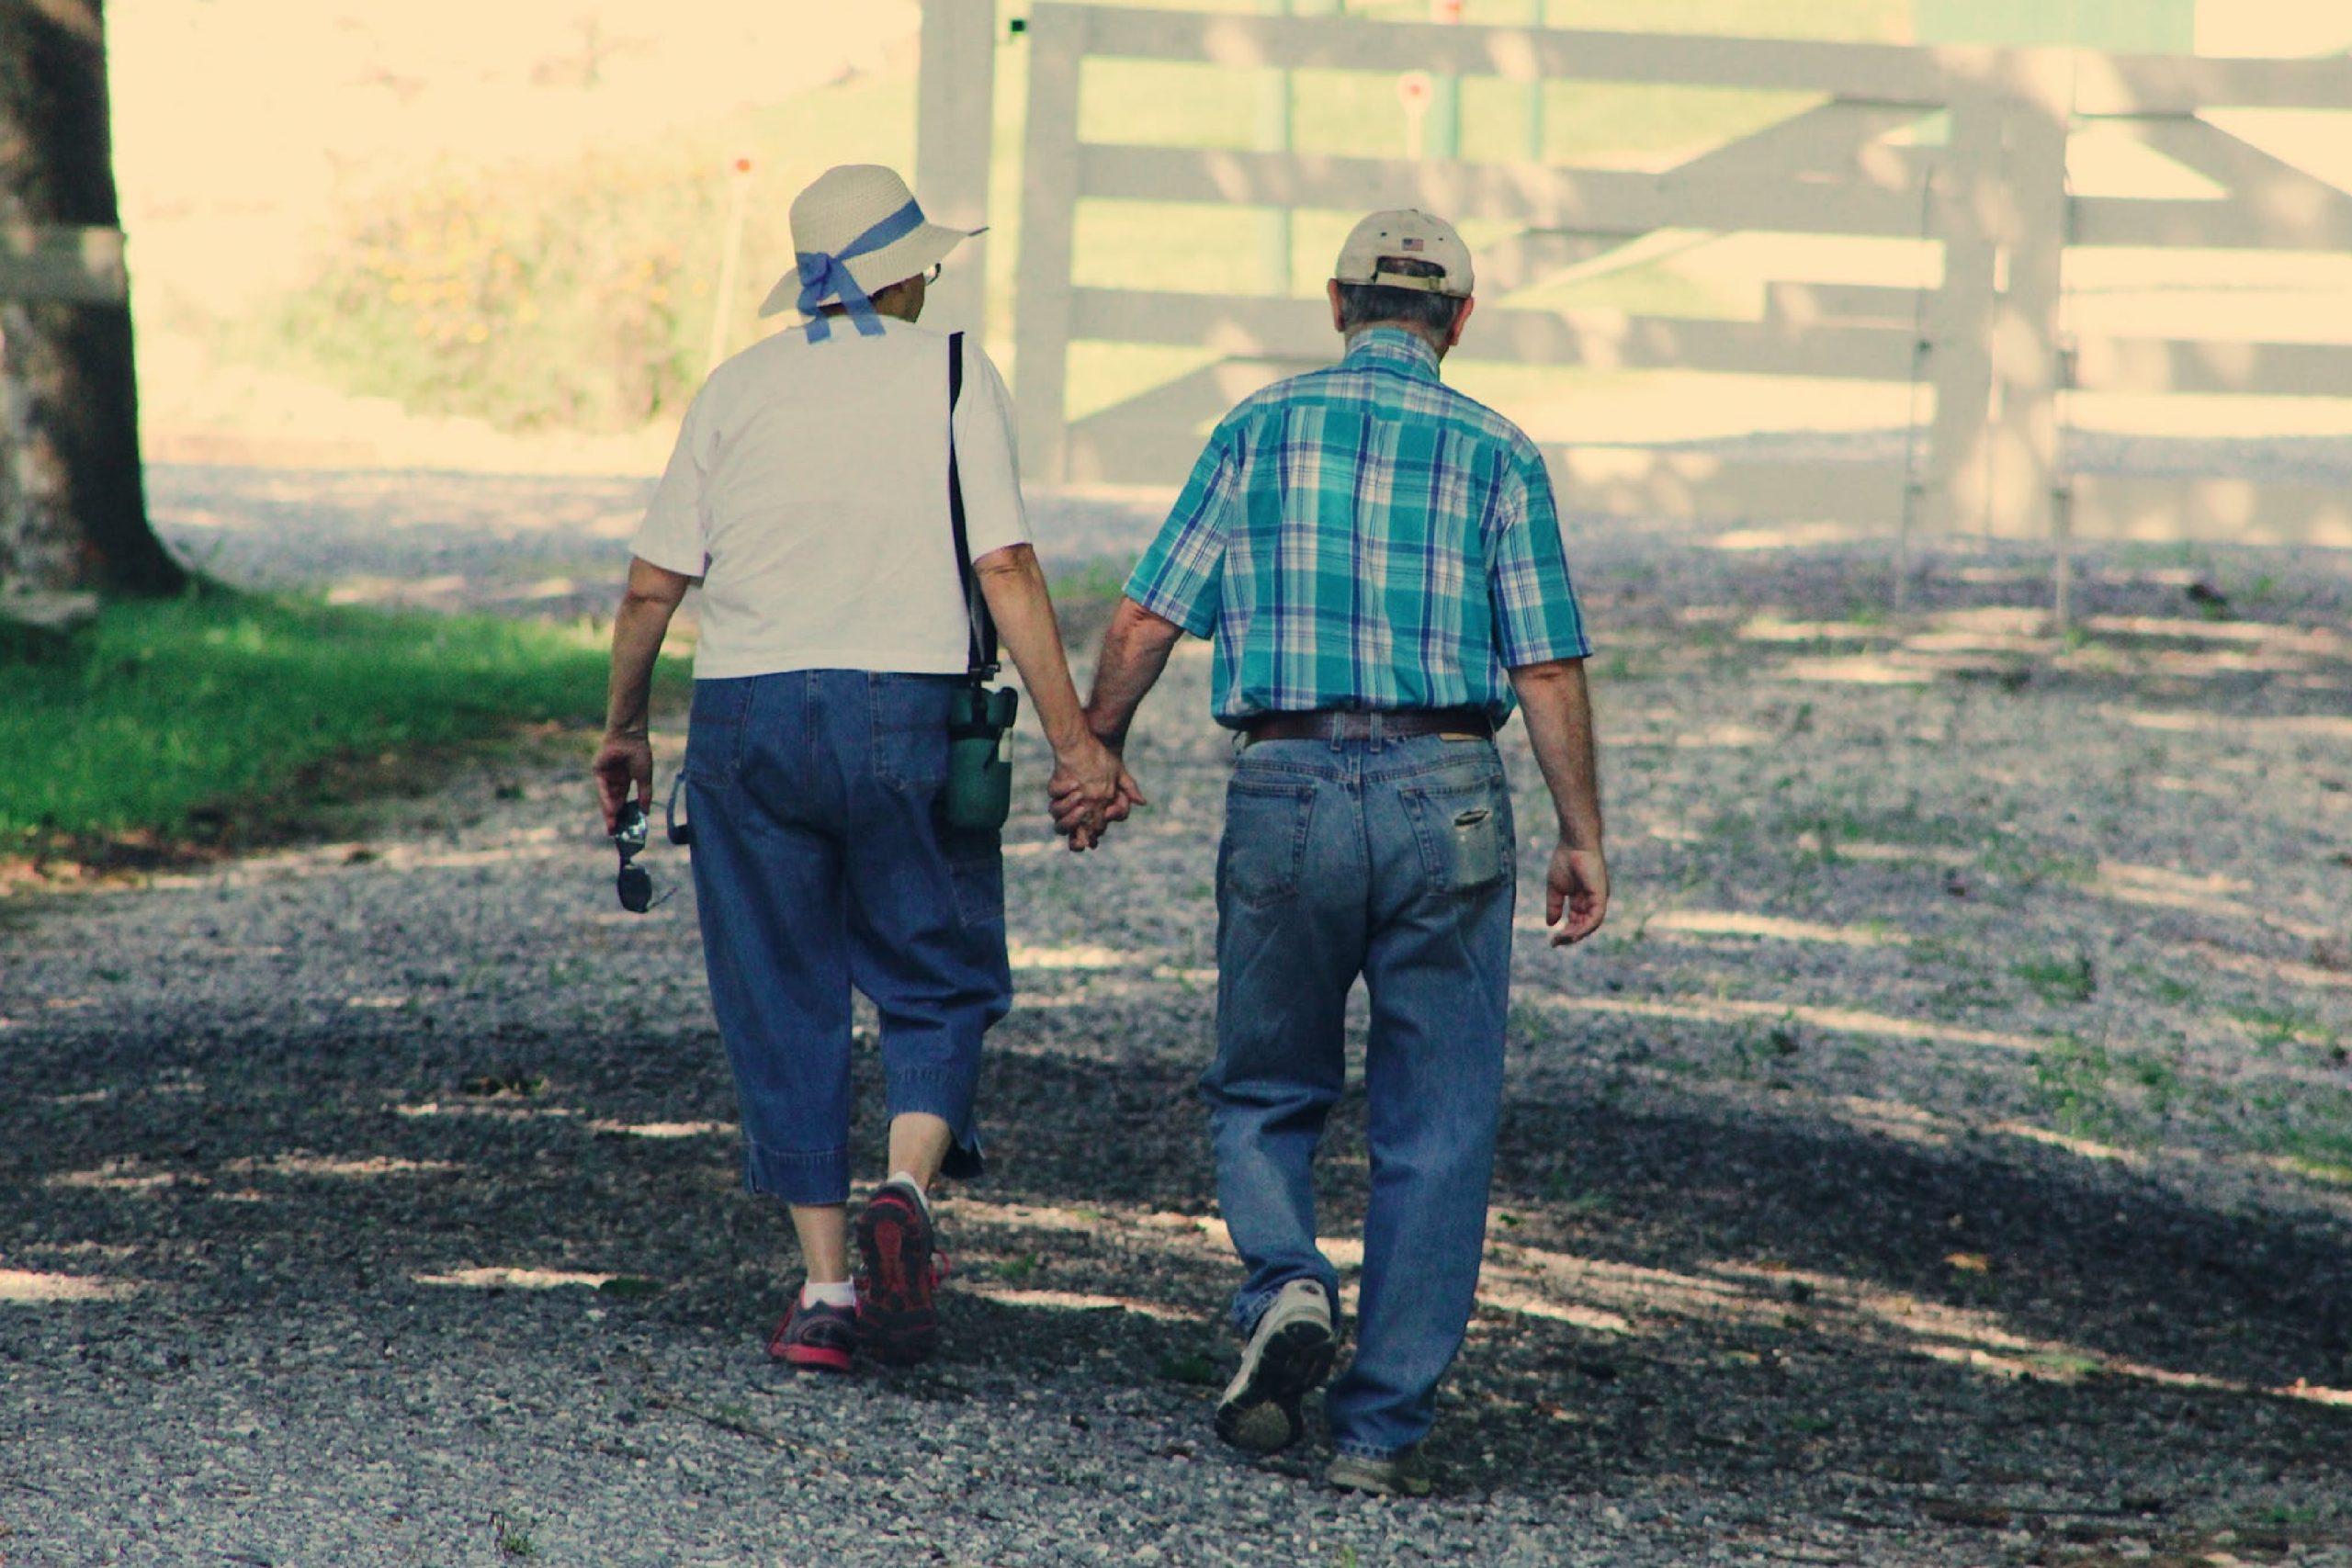 Het belang van samenlevingscontract bij nieuwe relatie op oudere leeftijd